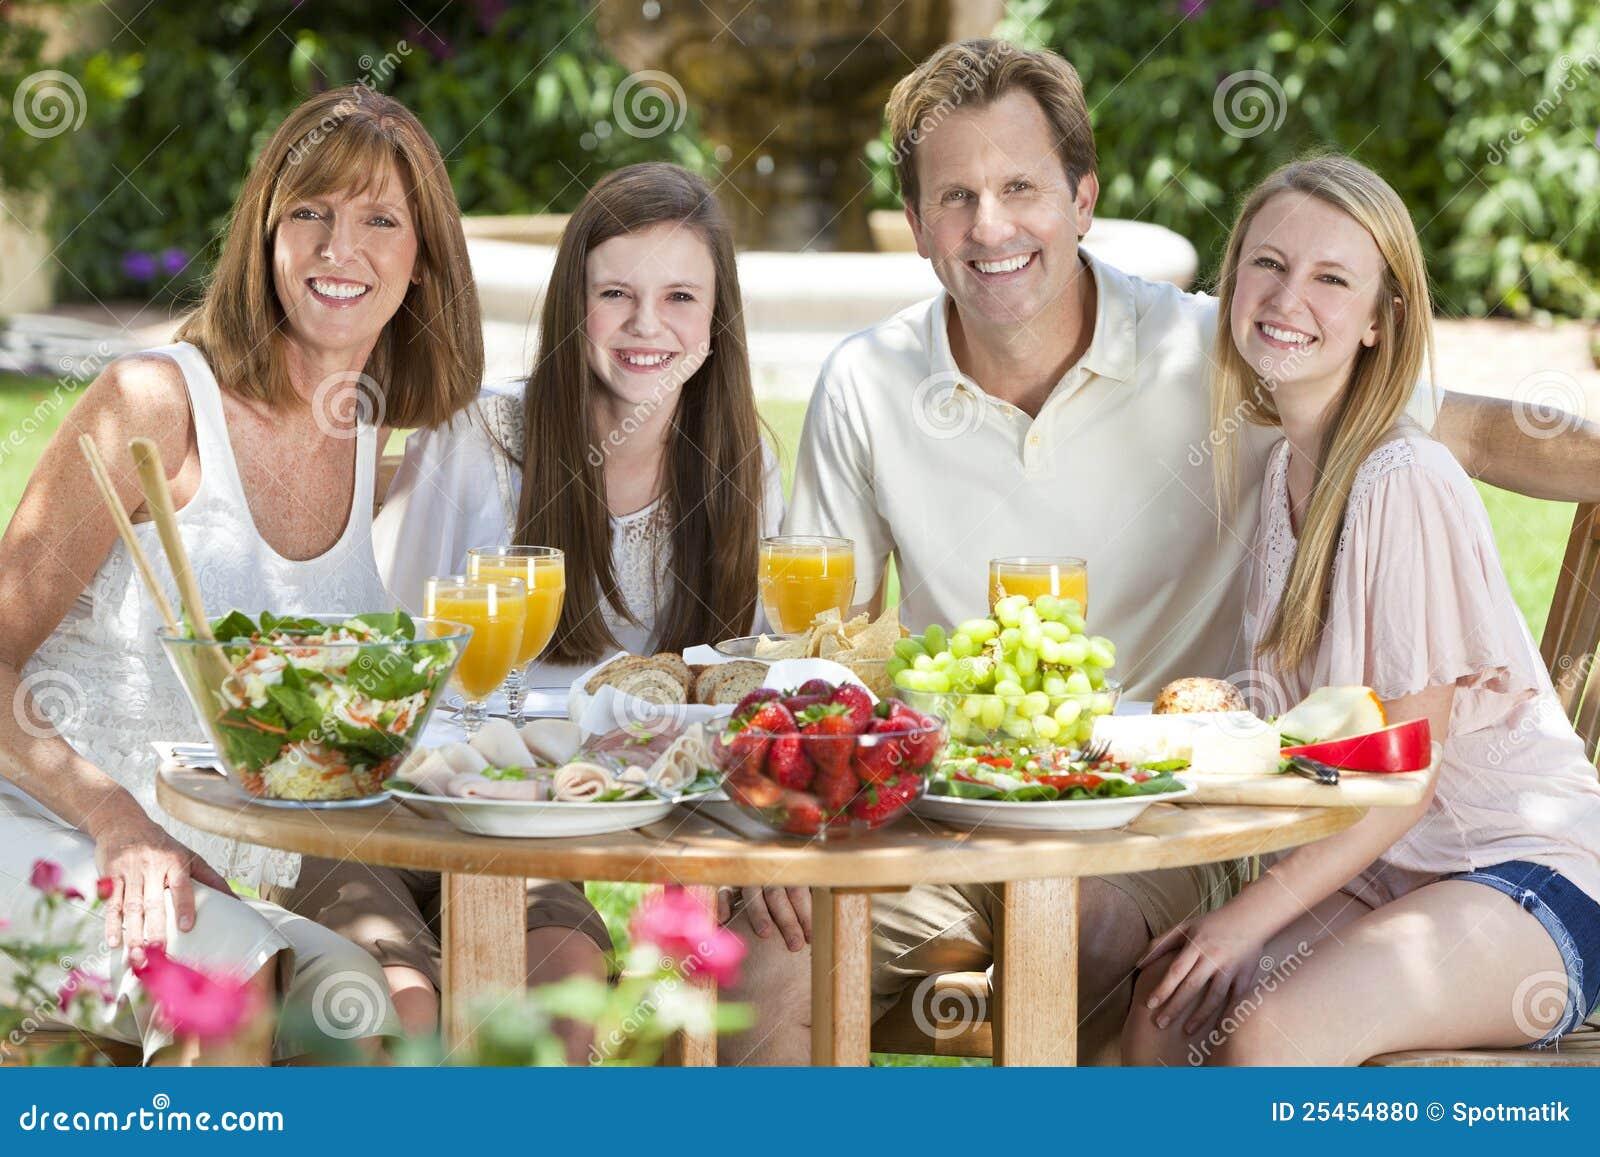 Family Eating Outside Parents Children Famil...